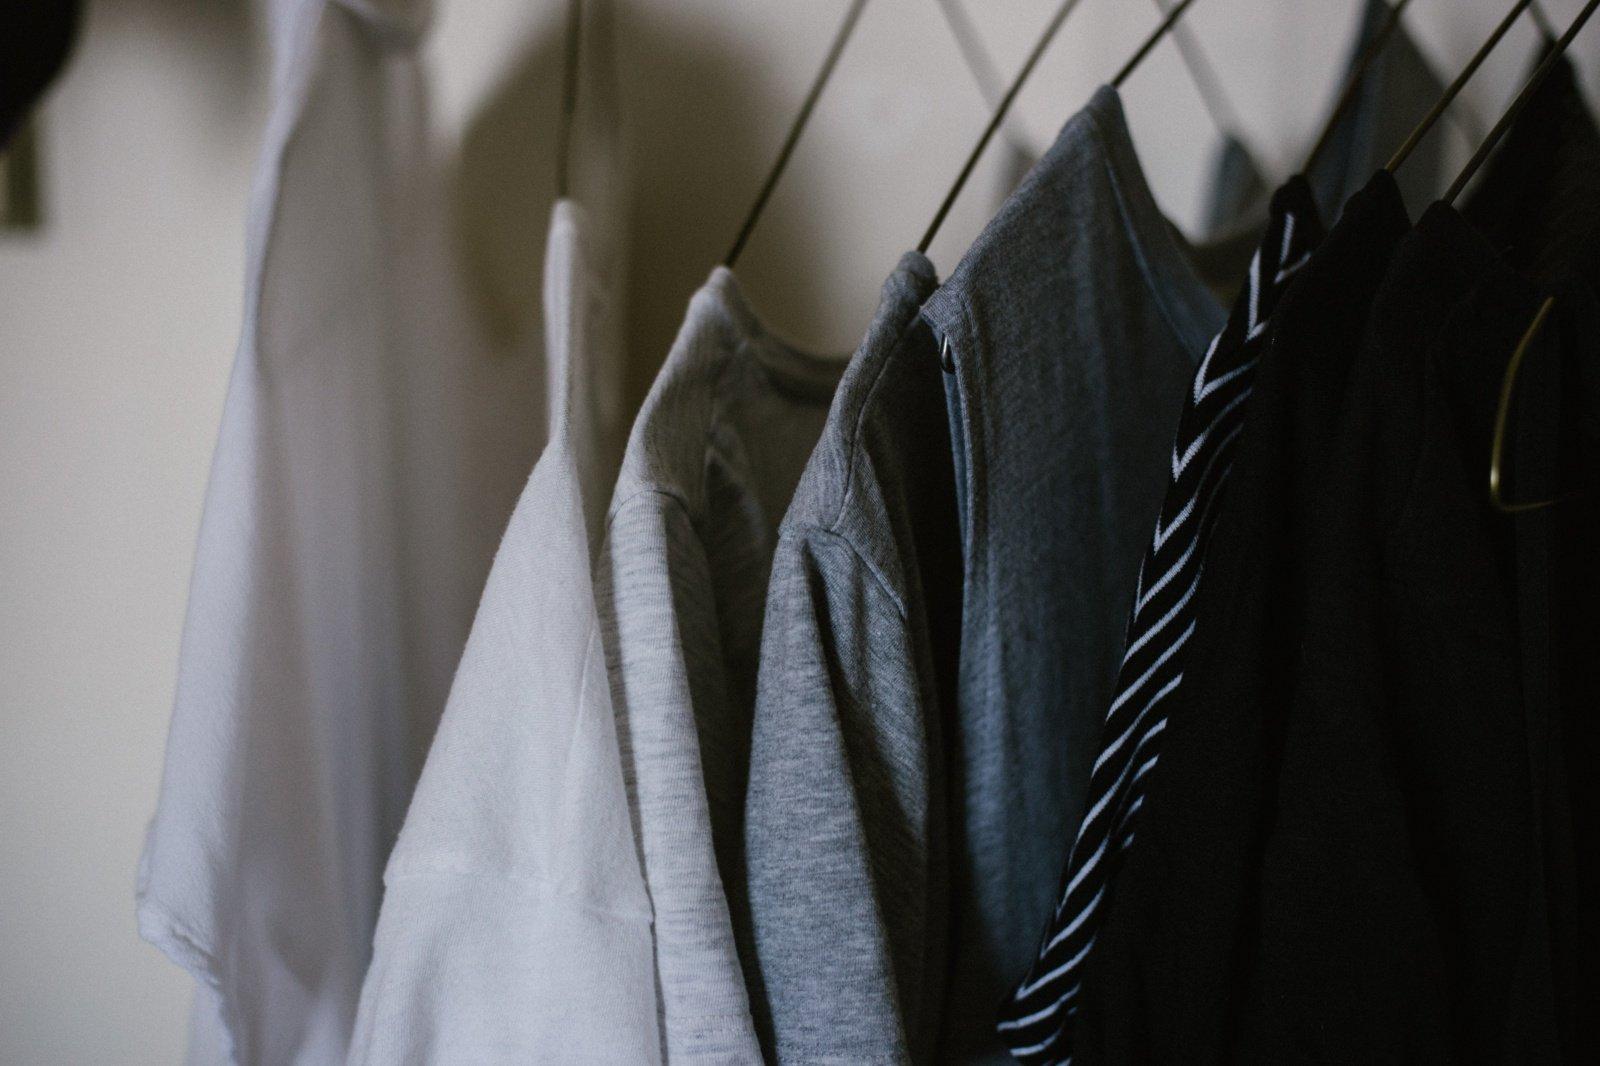 Kodėl neturime kuo apsirengti arba 8 spintos klaidos